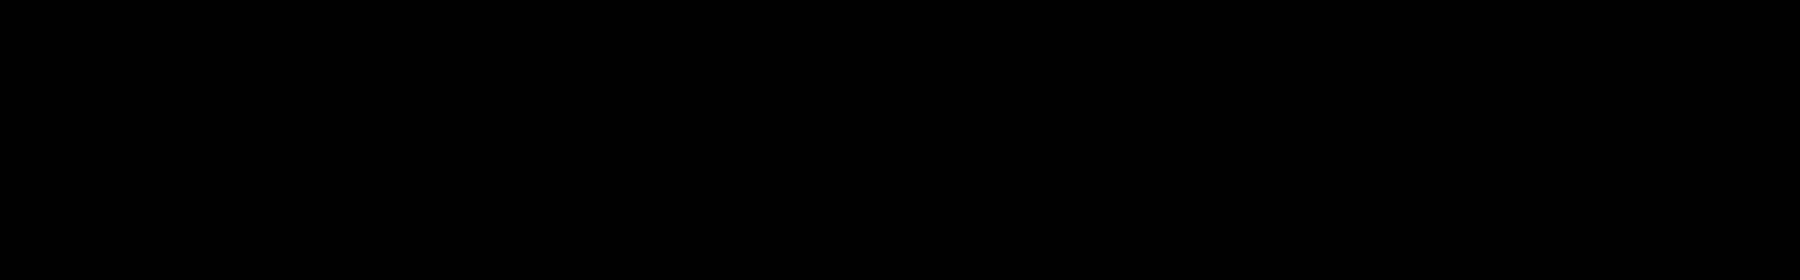 HEXAGON HOUSE audio waveform